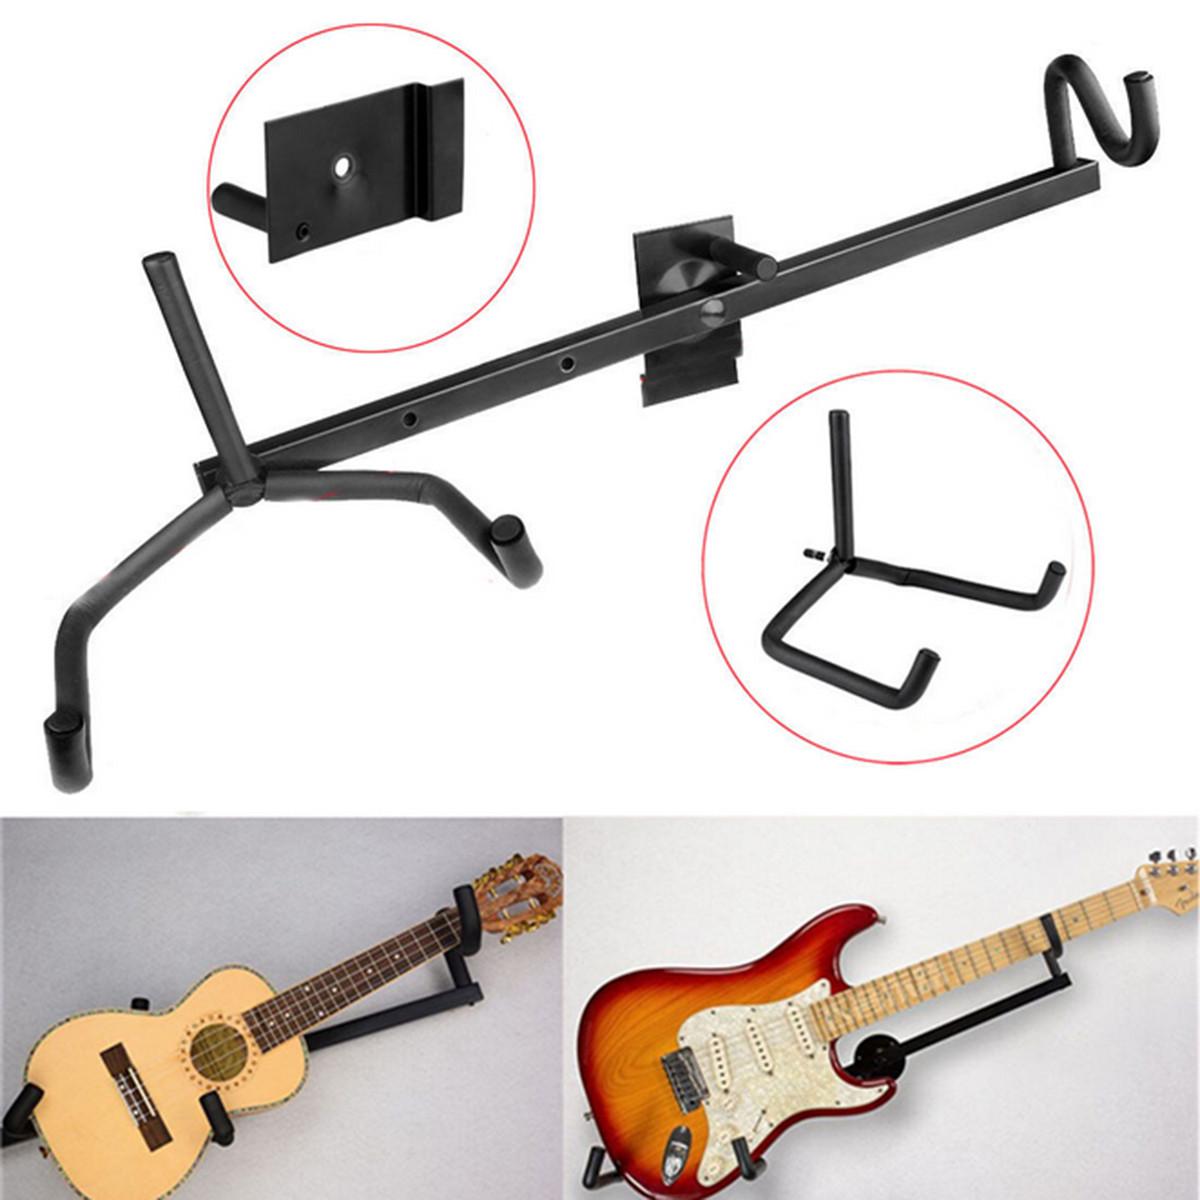 new guitar wall hanger holder stand r end 5 7 2020 3 15 pm. Black Bedroom Furniture Sets. Home Design Ideas